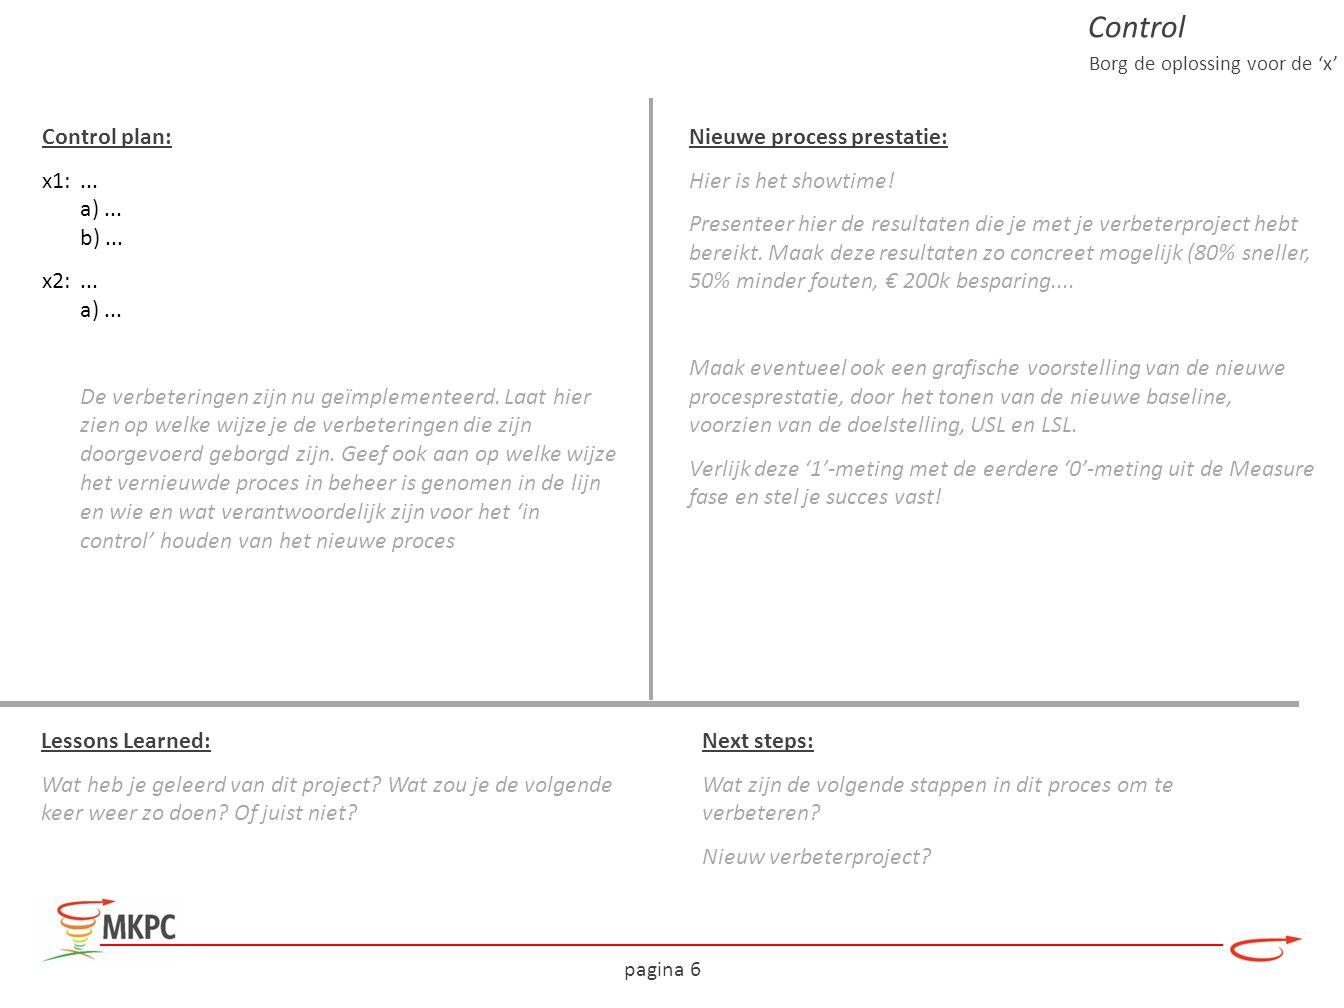 pagina 6 Control plan: x1:... a)... b)... x2:... a)... De verbeteringen zijn nu geïmplementeerd. Laat hier zien op welke wijze je de verbeteringen die